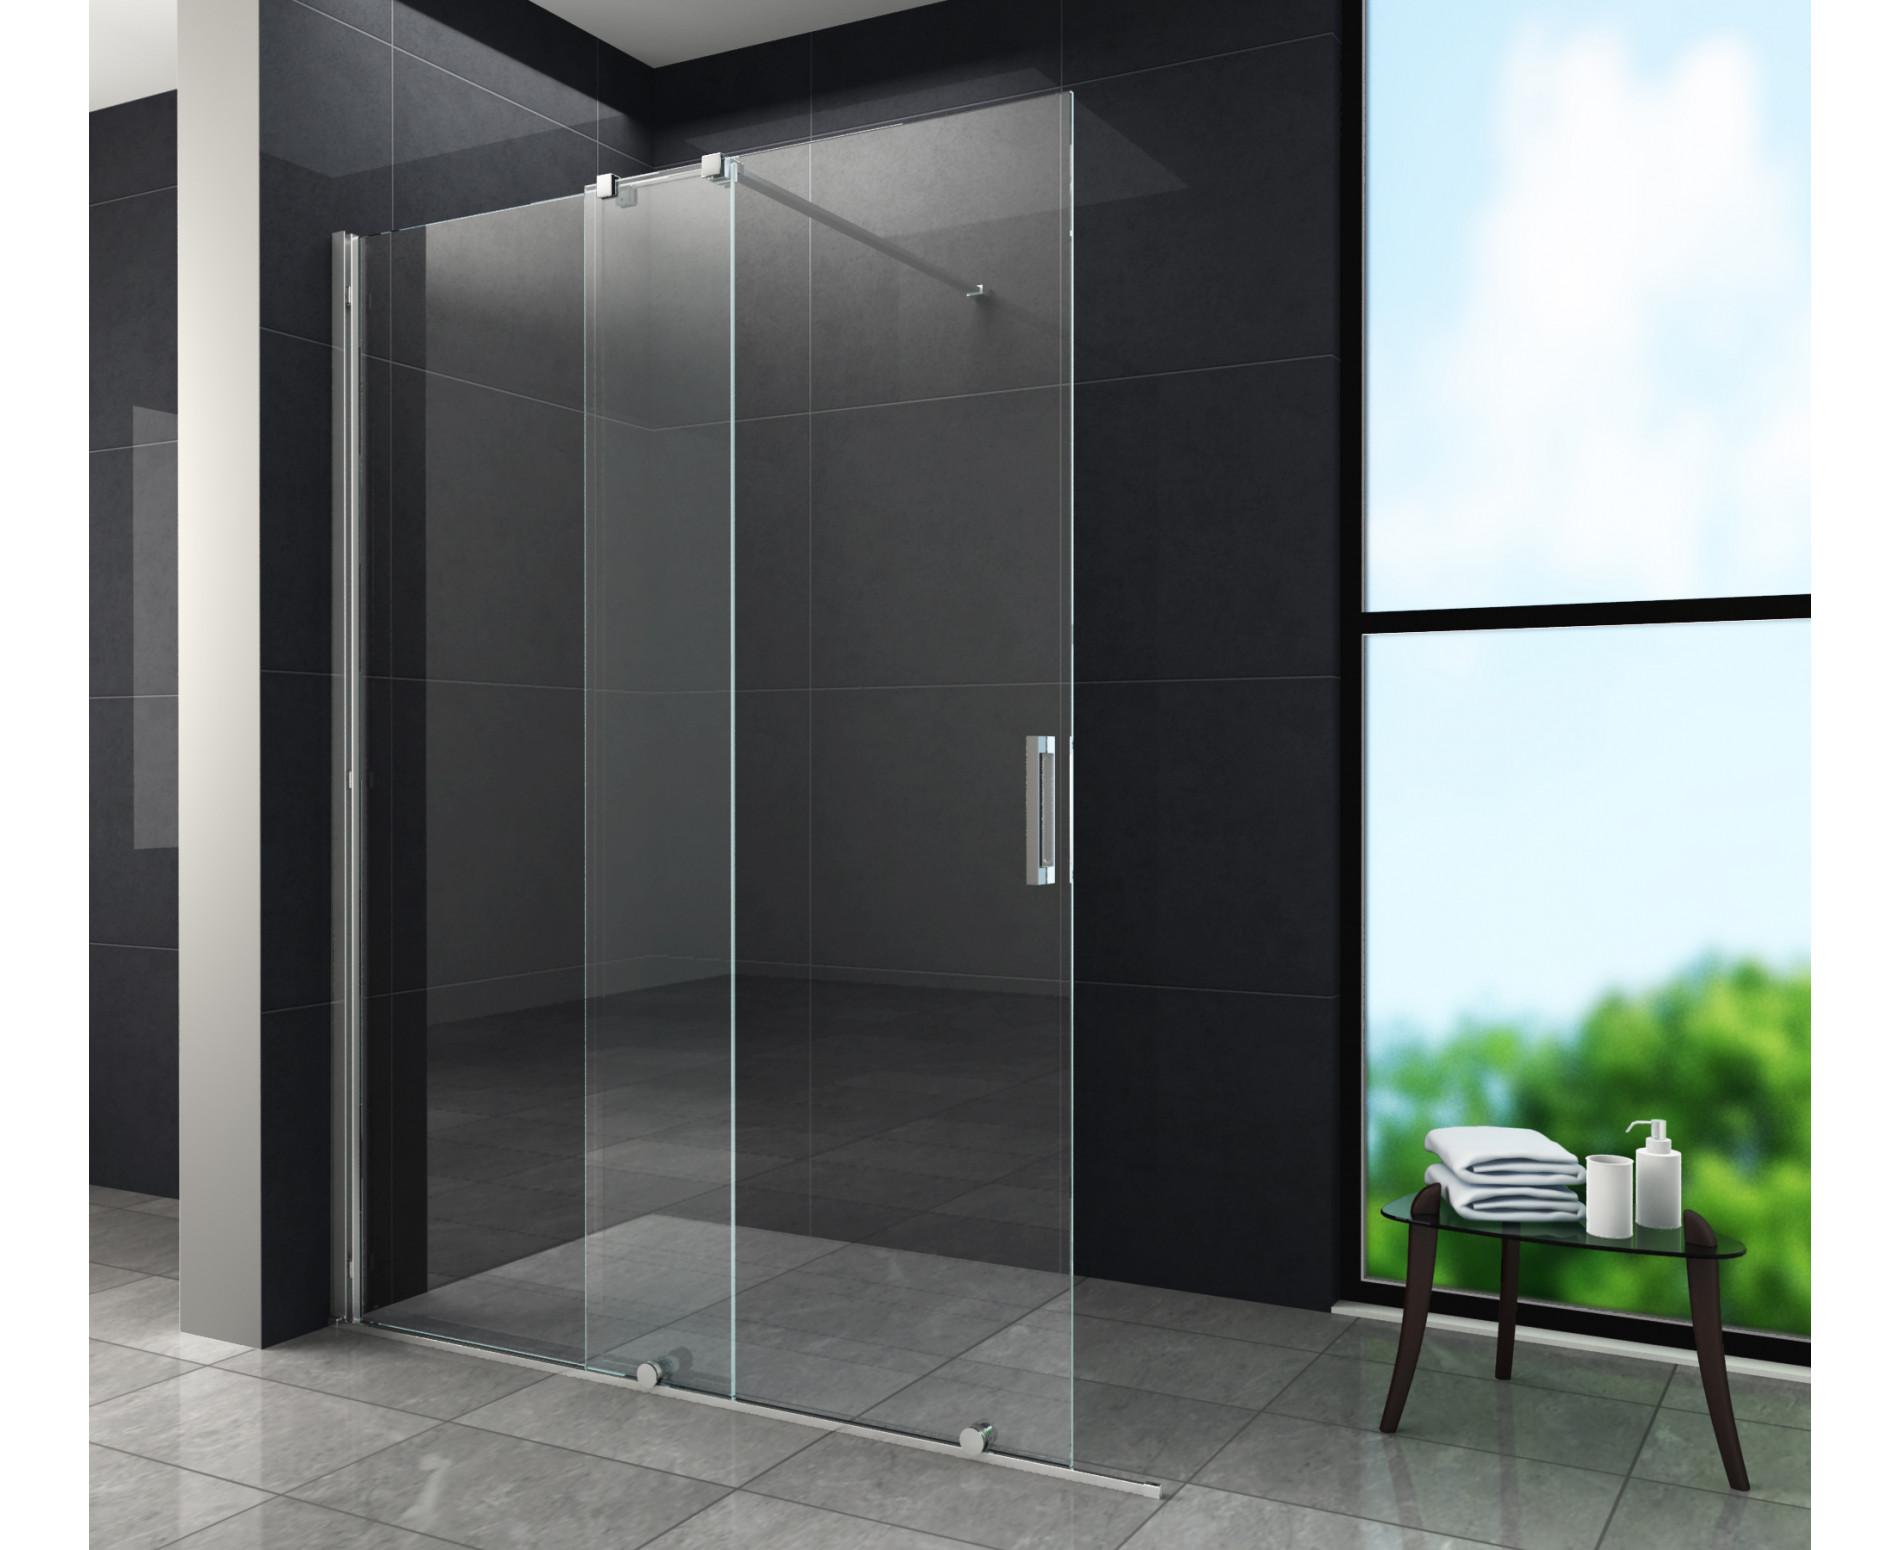 حمام شیشه ای - شیشه سکوریت حمام - تترافرم